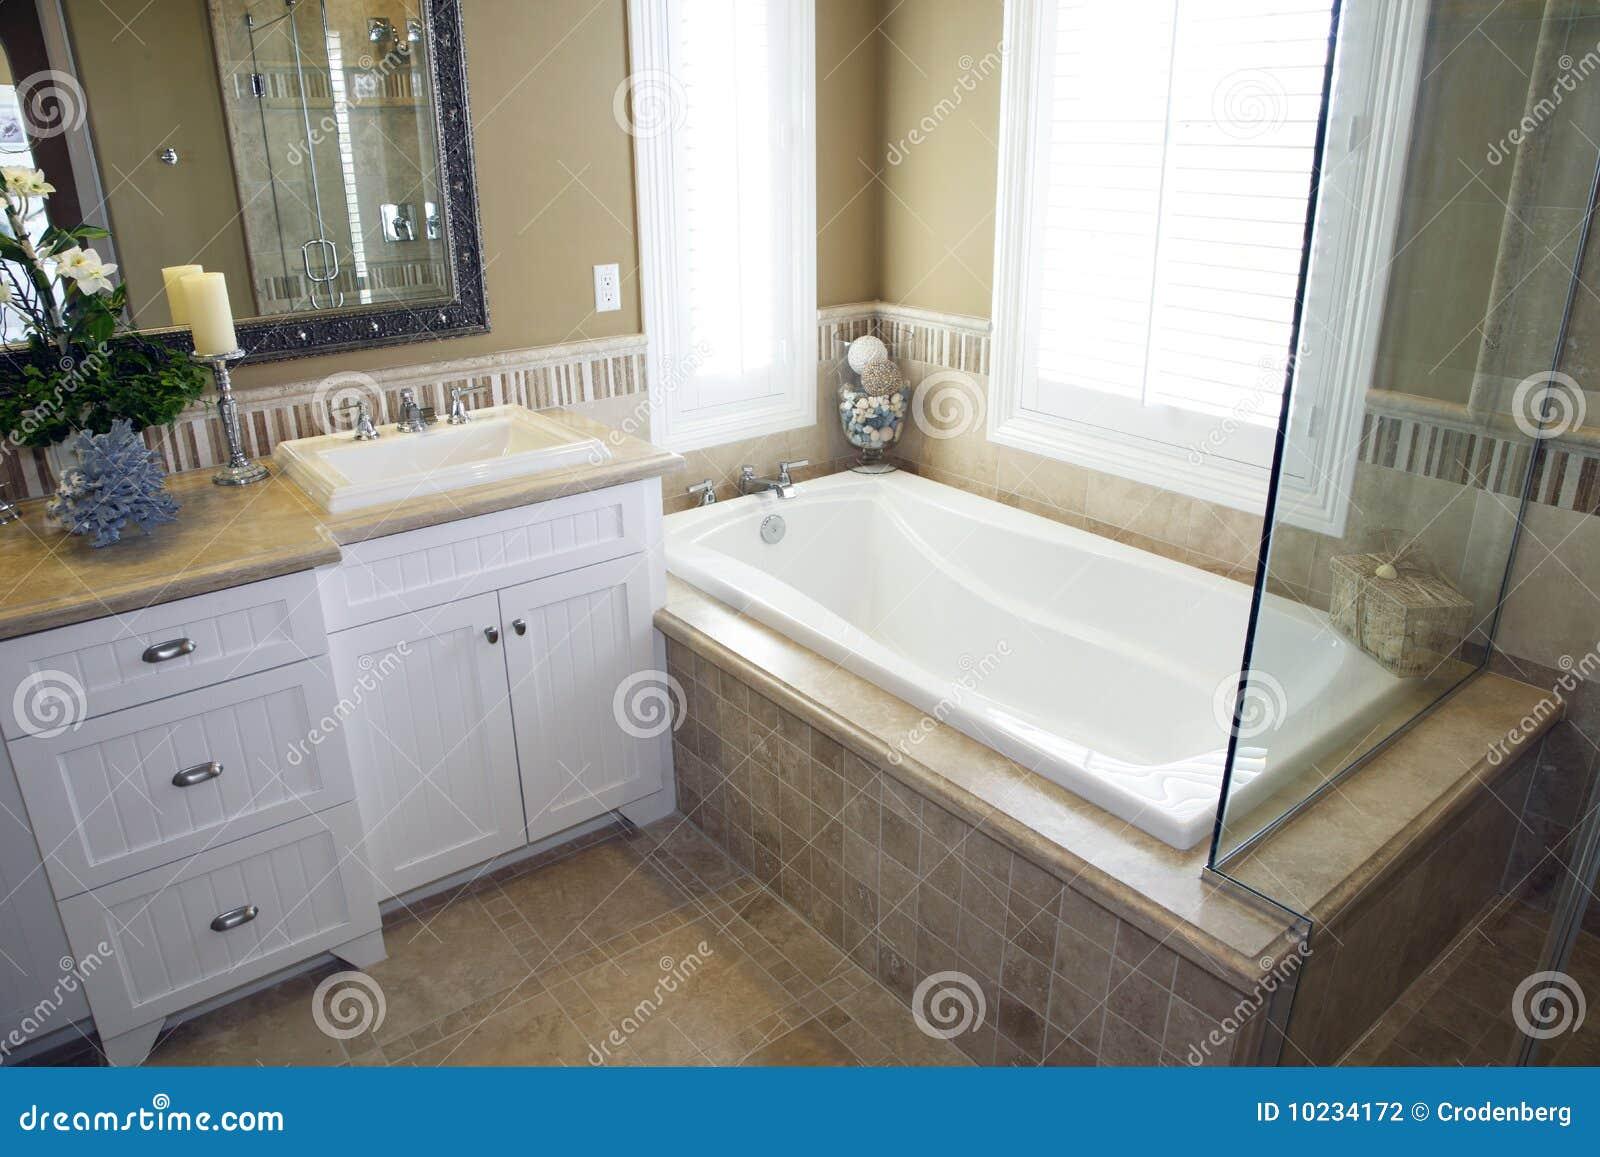 Decoracion Baño Con Tina: de baño lujoso con una tina moderna y una decoración con estilo